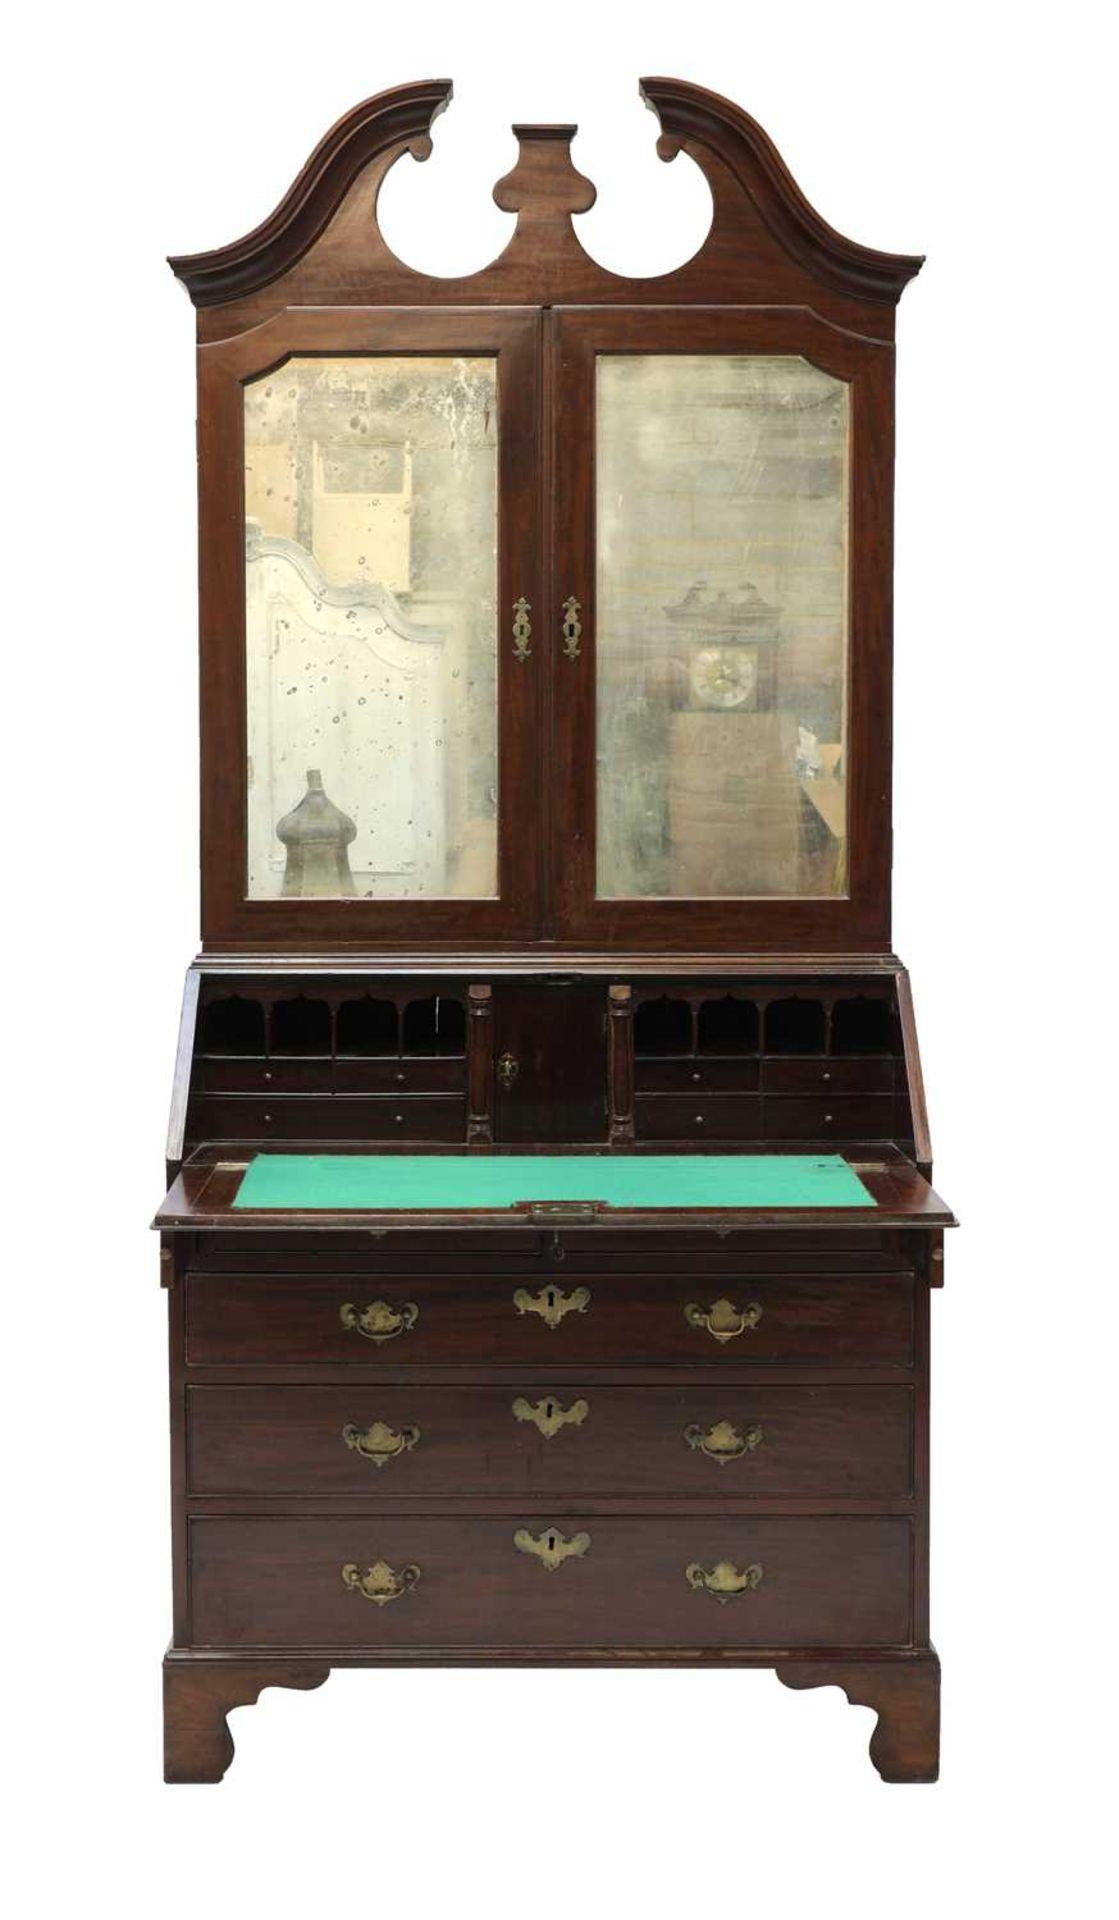 A George III mahogany bureau bookcase, - Image 3 of 6